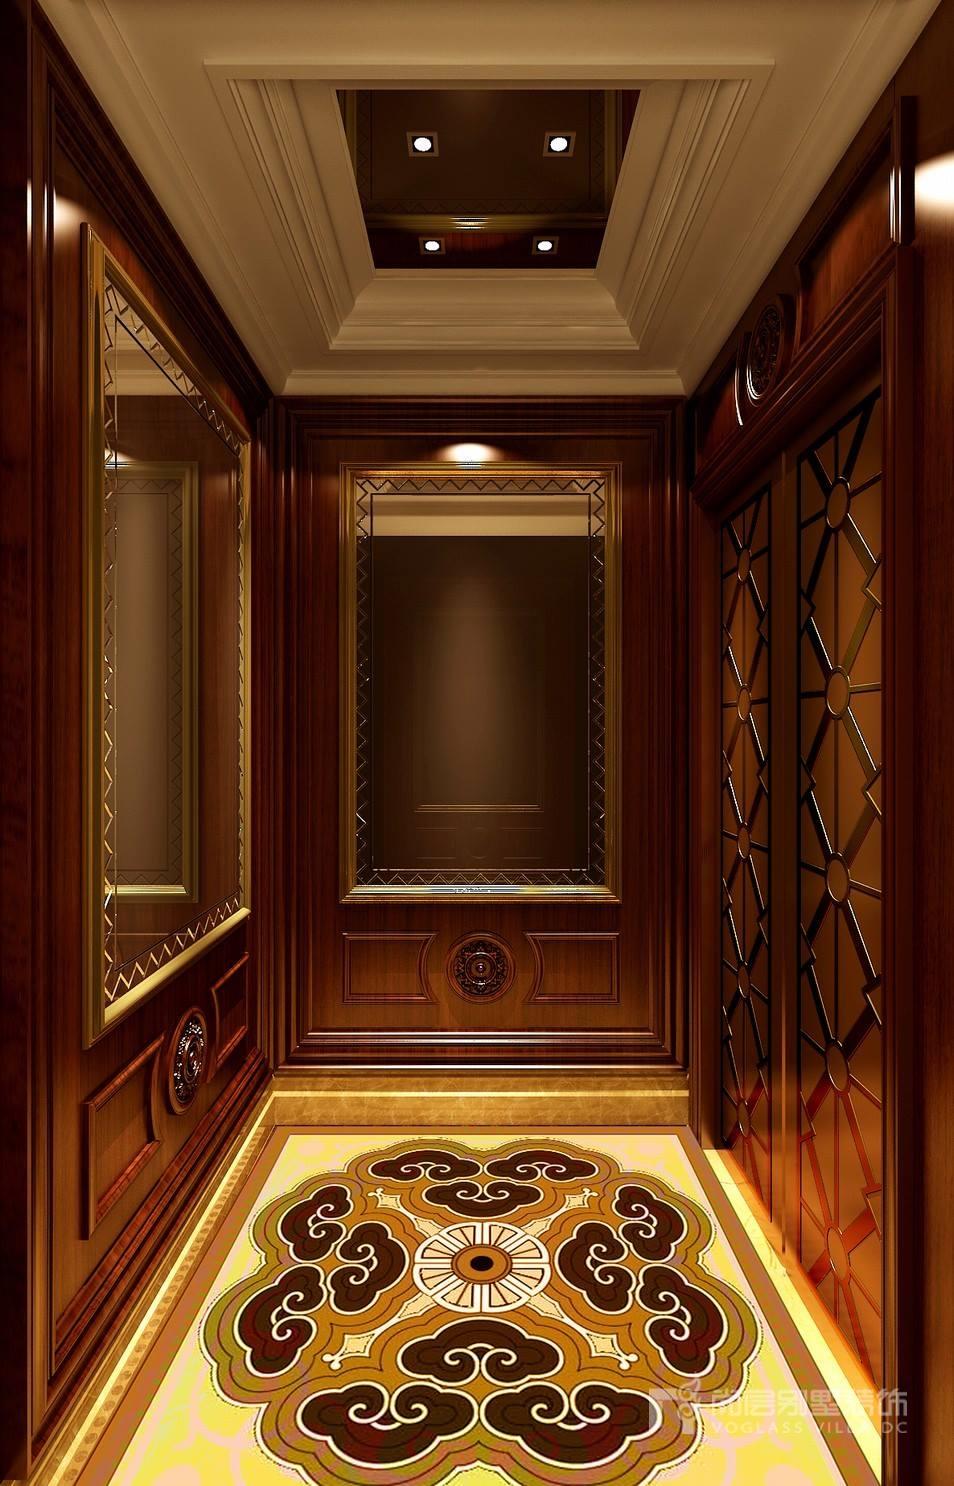 效果图中地面吉祥图案的石材拼花与墙面木制墙板,彰显出美式古典风格图片